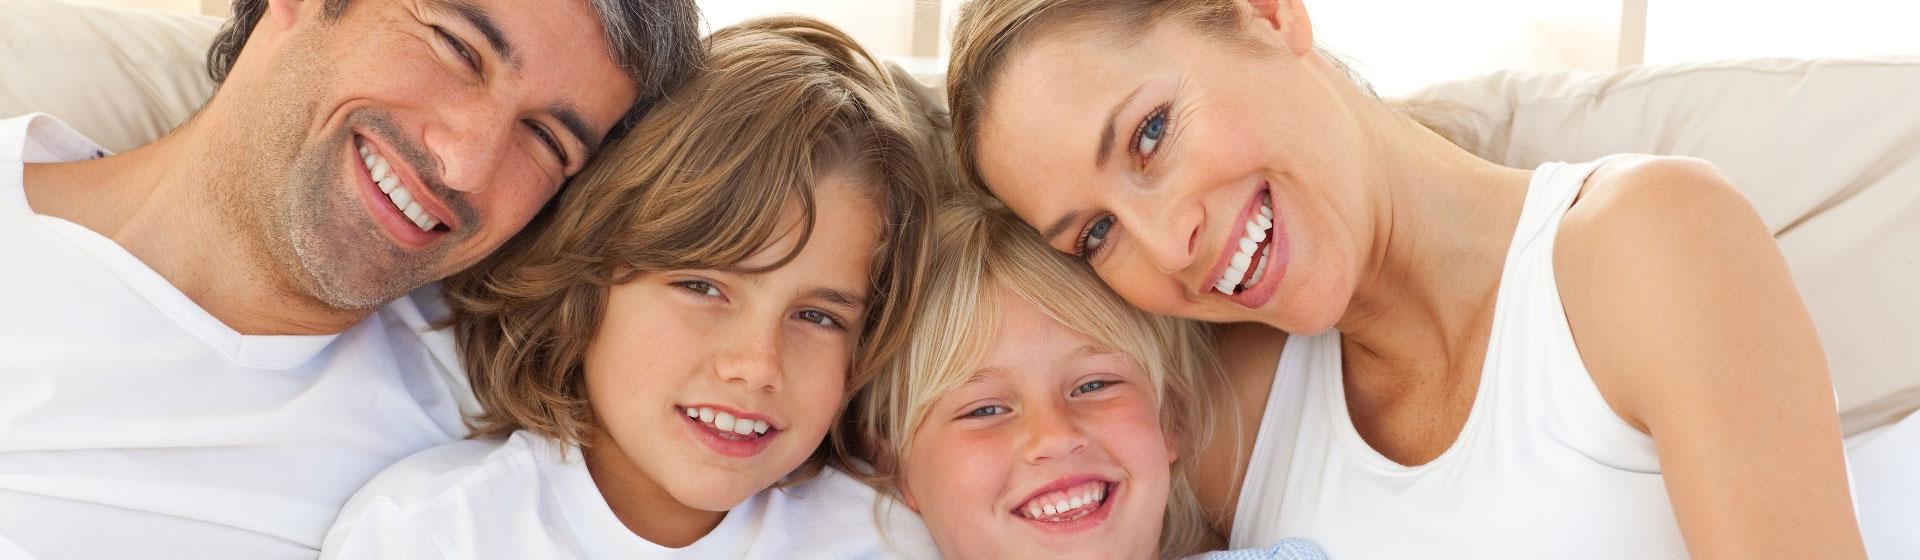 Antifurto casa » Proteggi la tua casa con Milanosicurezza